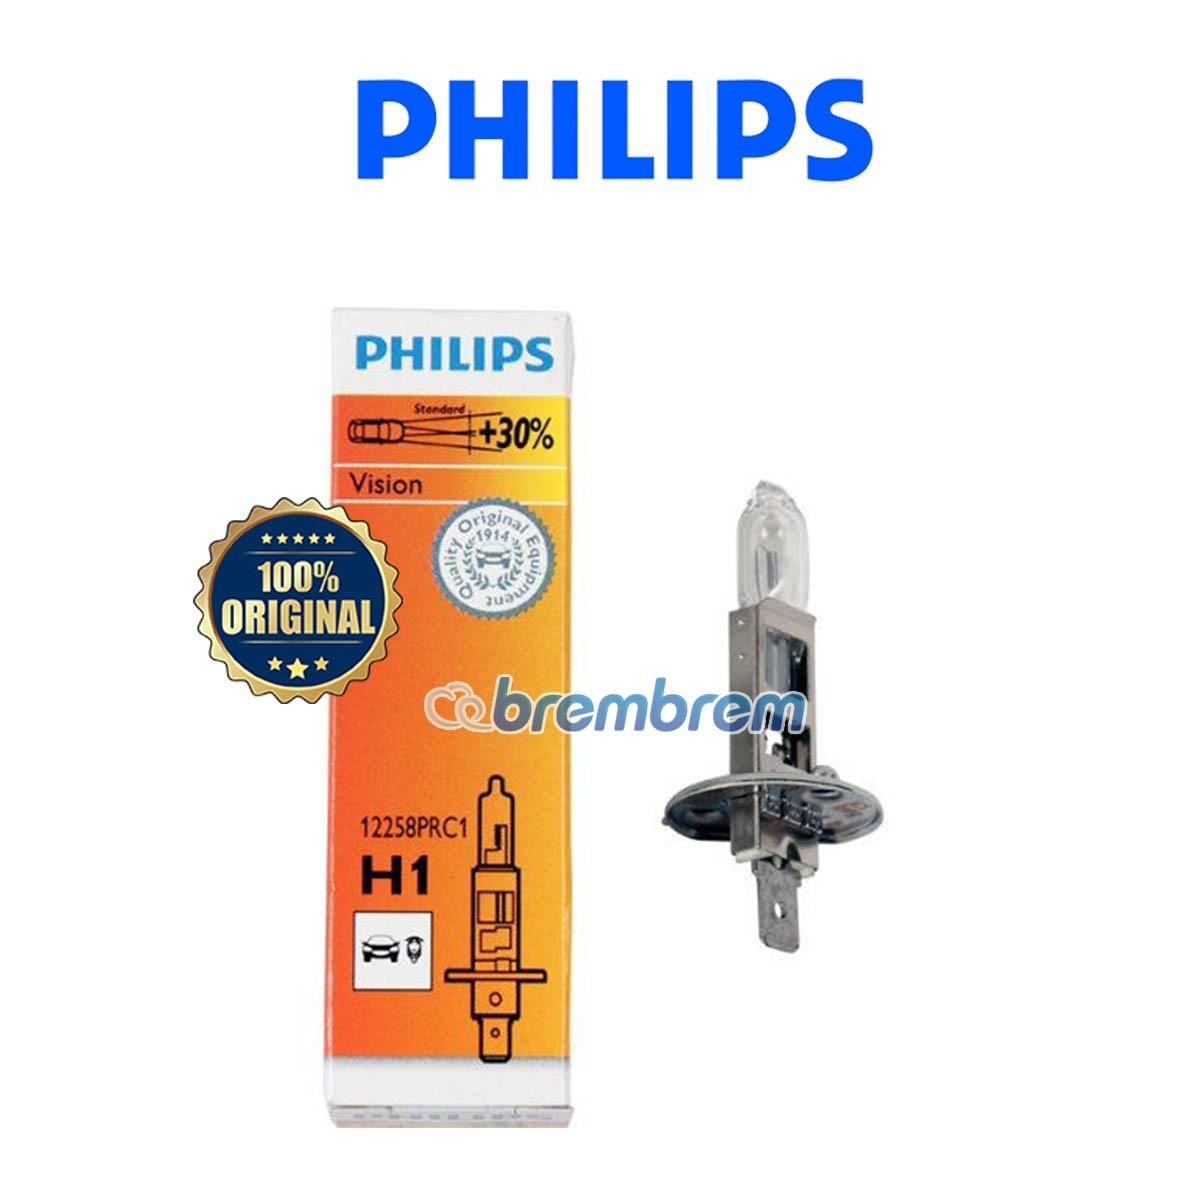 PHILIPS PREMIUM VISION H1 - LAMPU HALOGEN